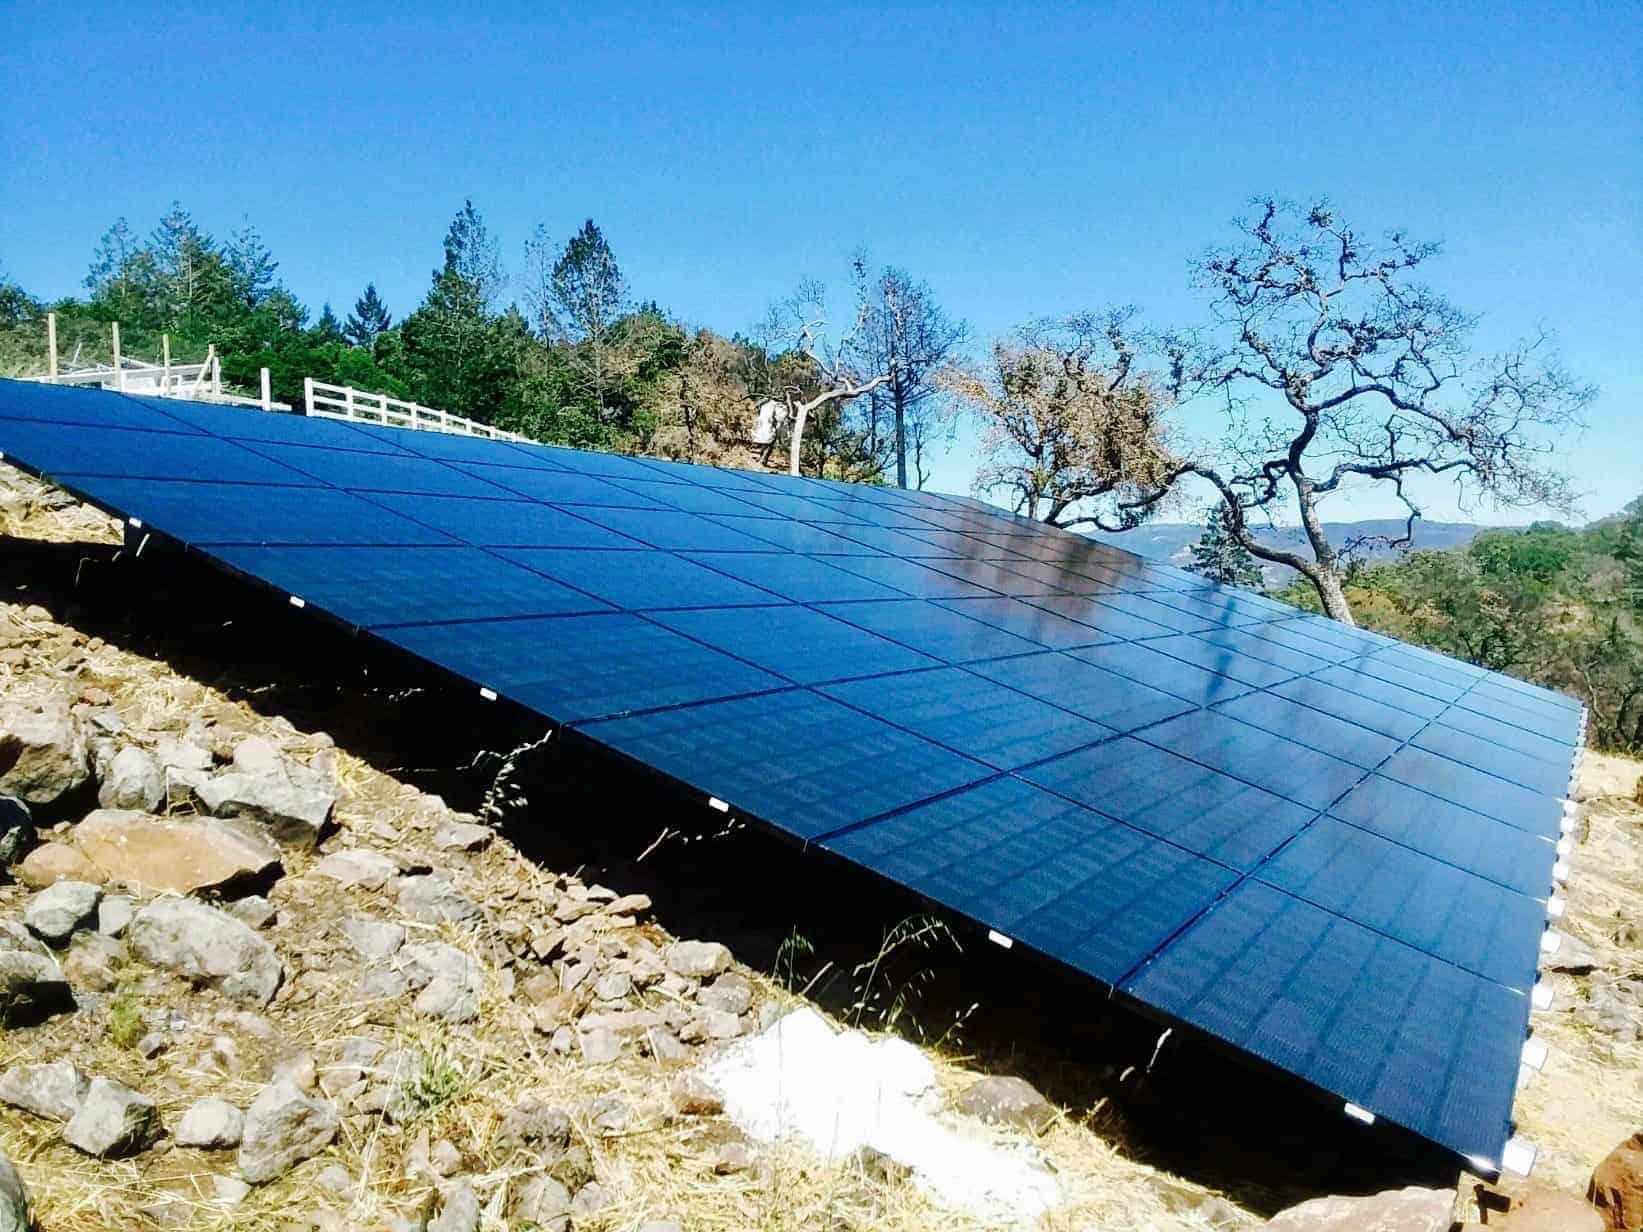 A ground mount solar panel array by Michael & Sun Solar